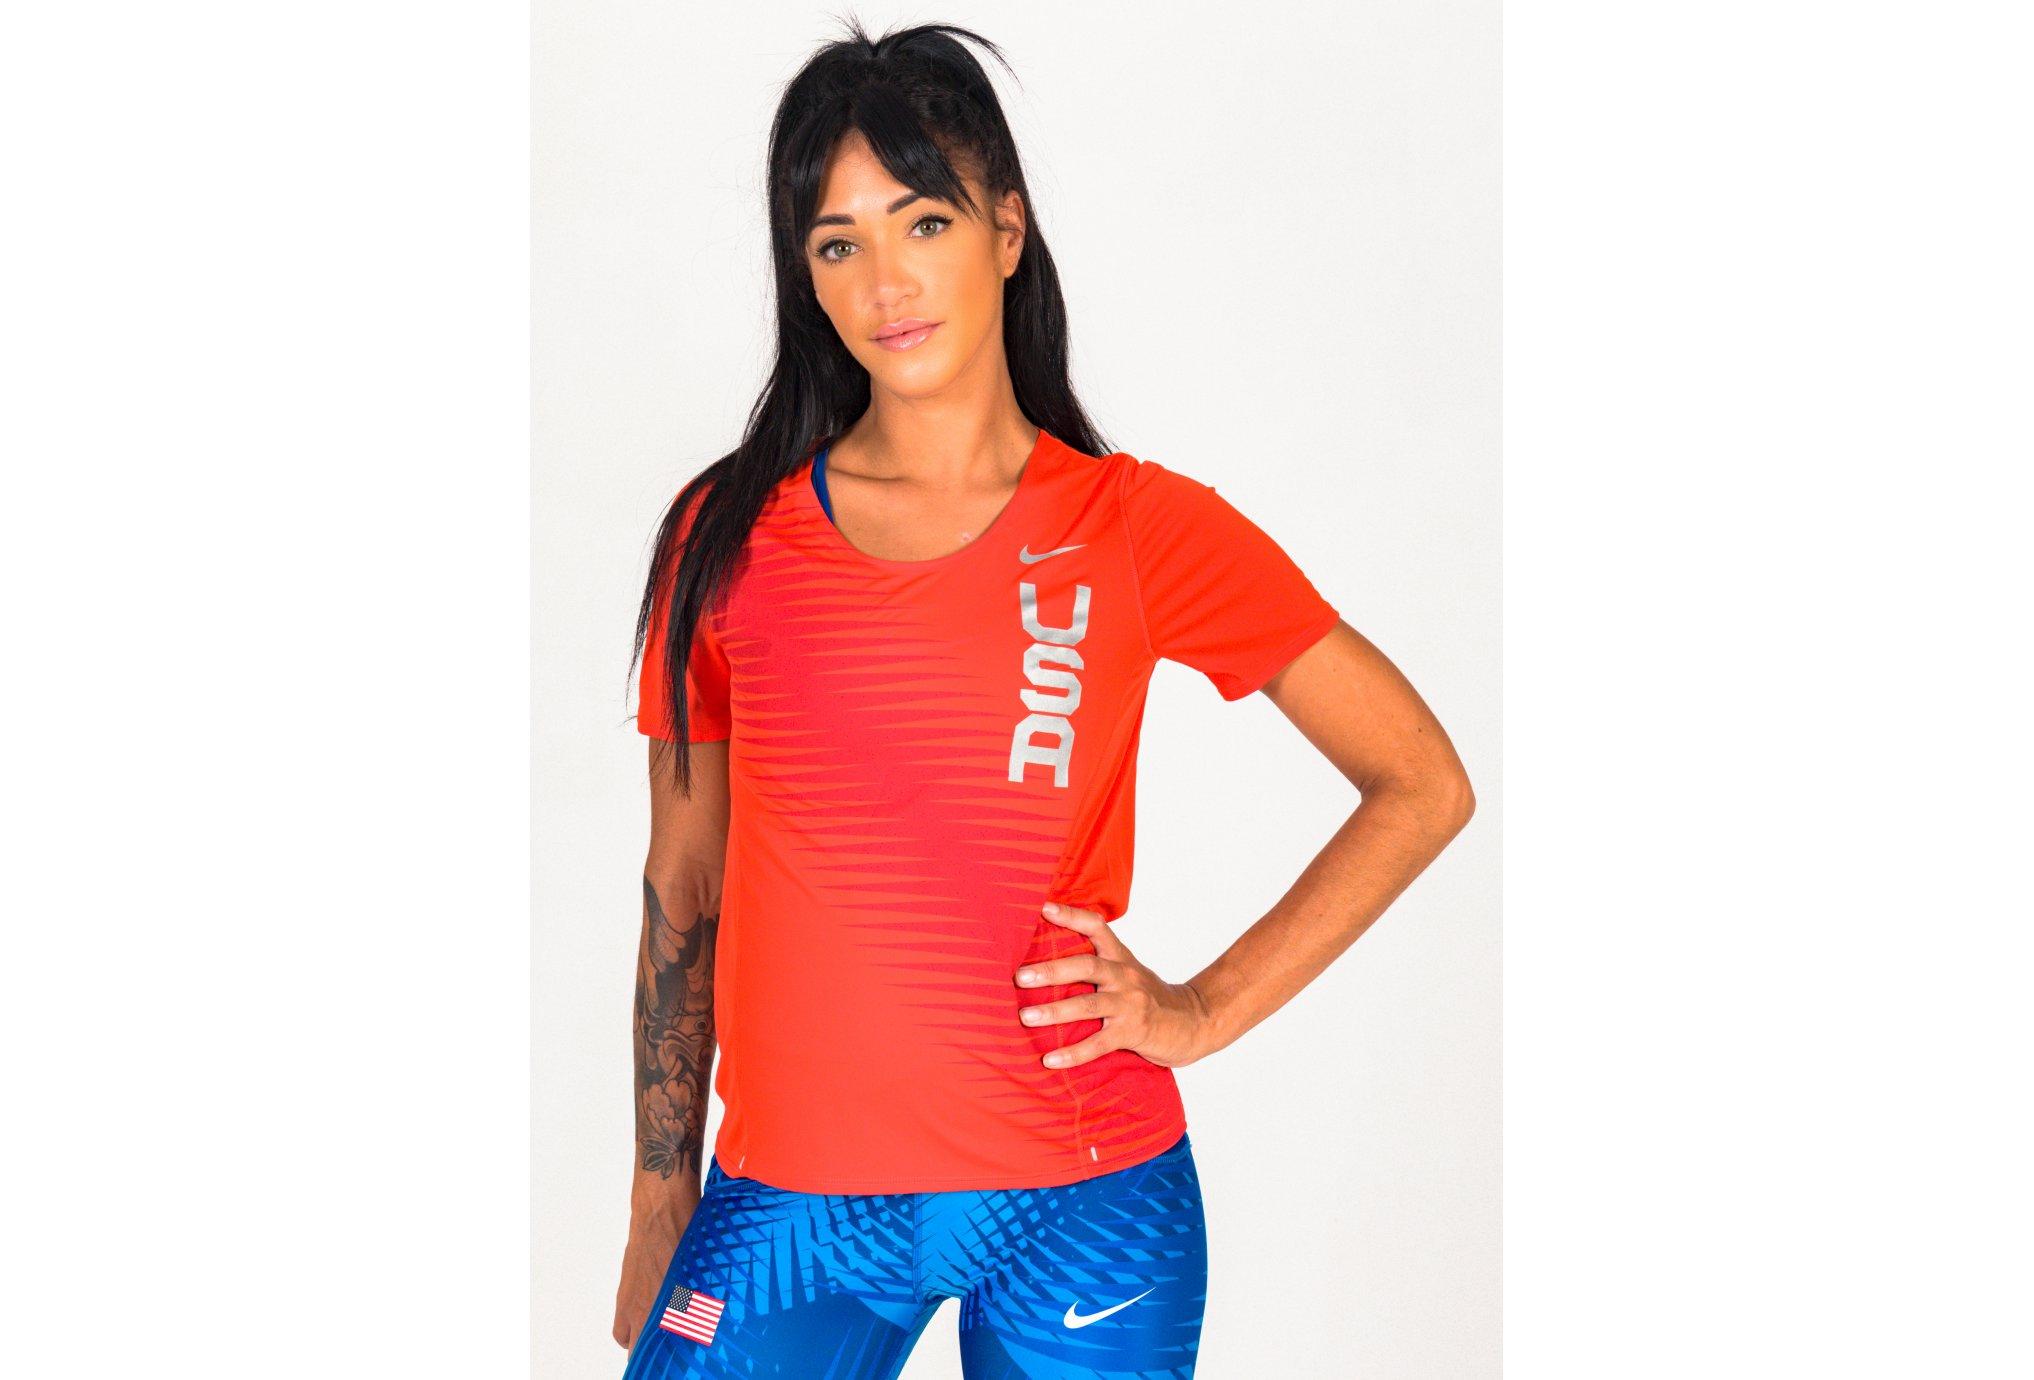 Nike City Sleek Team USA W vêtement running femme